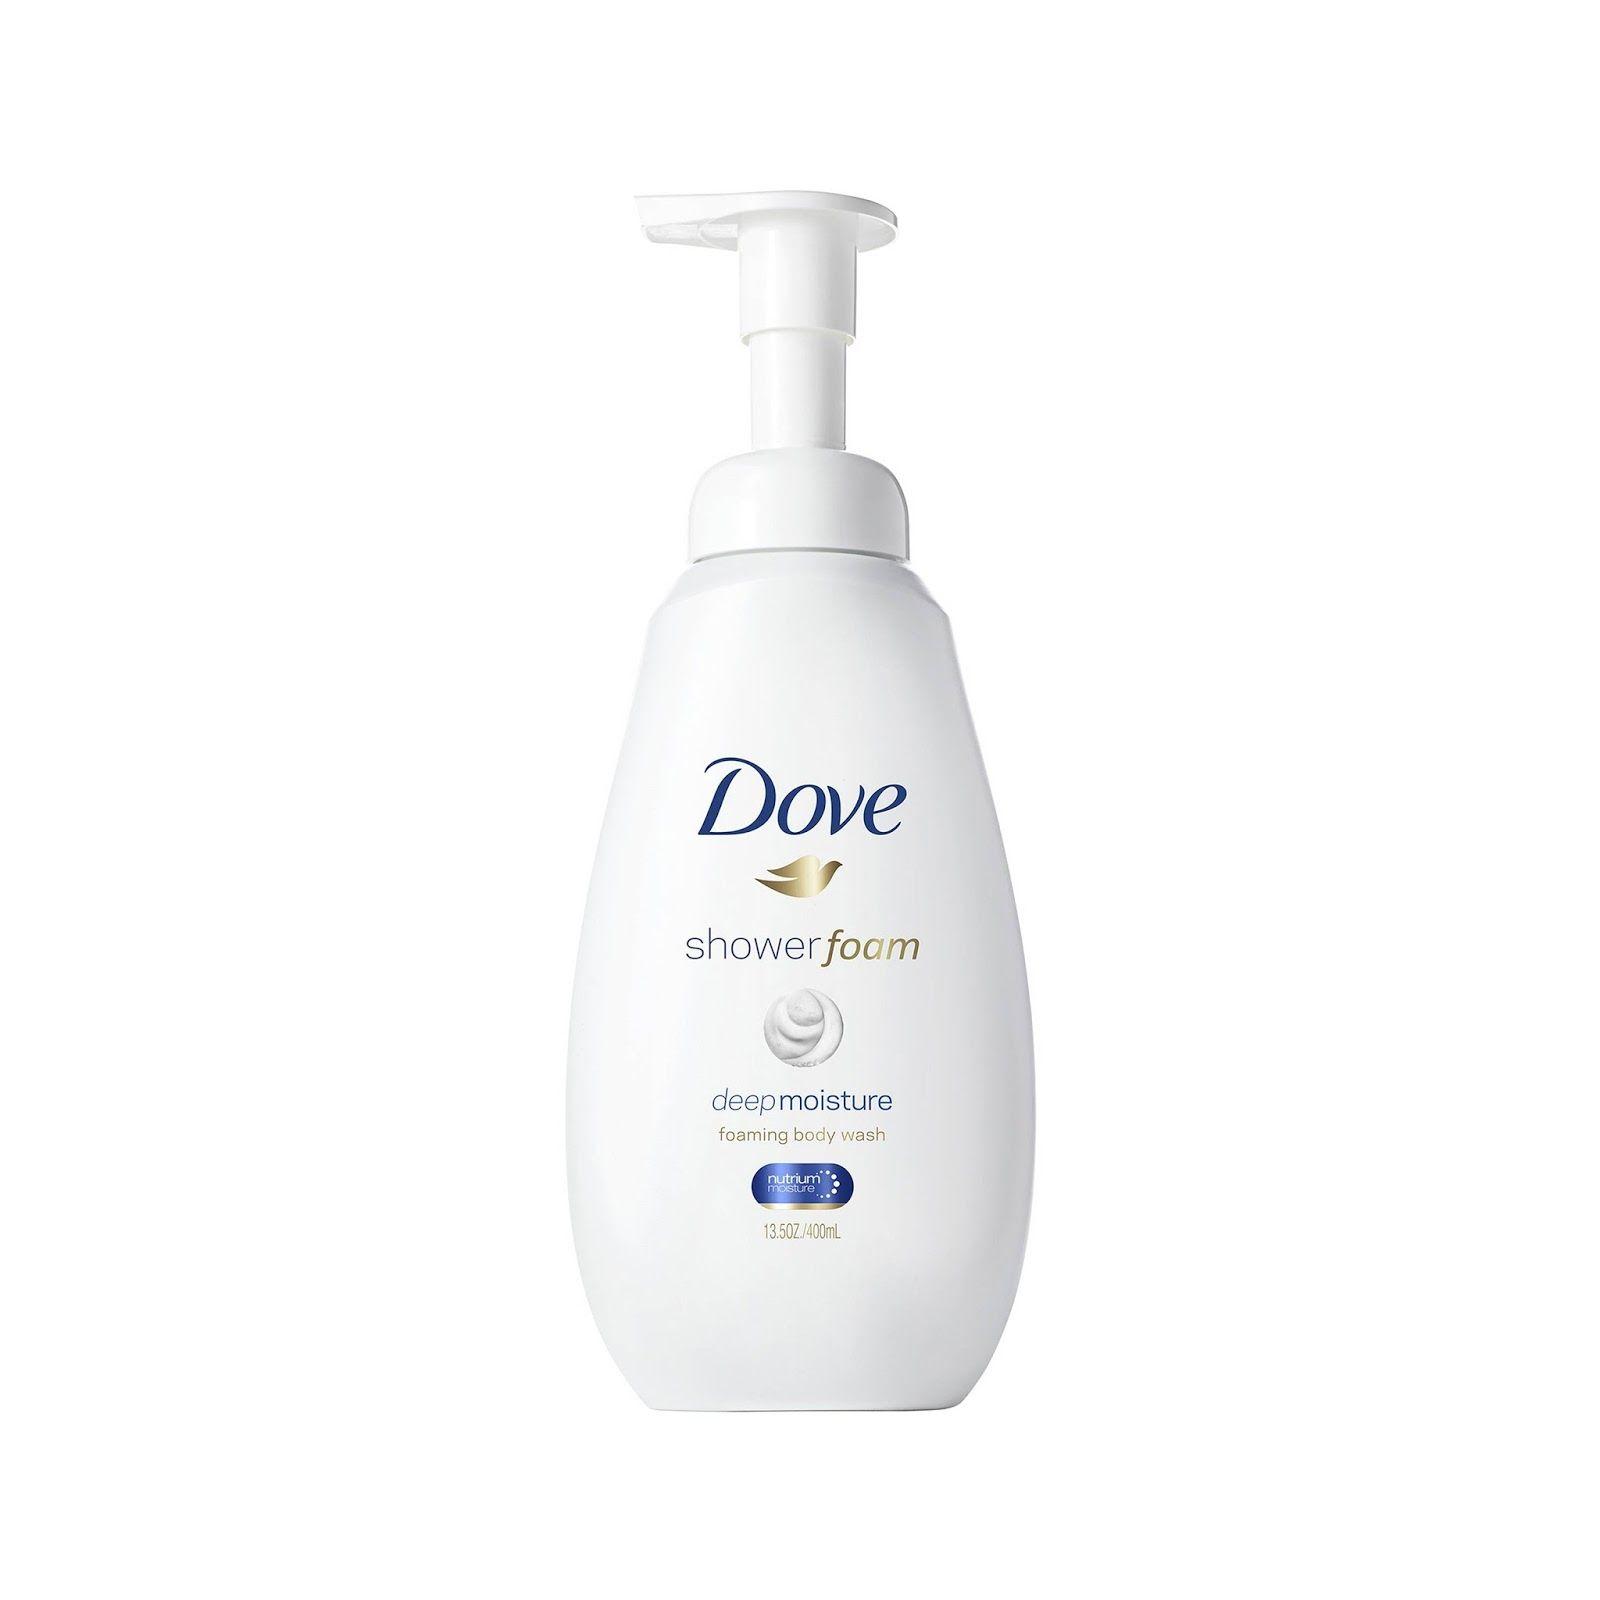 Drugstore Buy Of The Week Dove Deep Moisture Foaming Body Wash Foaming Body Wash Shower Foam Skin Care